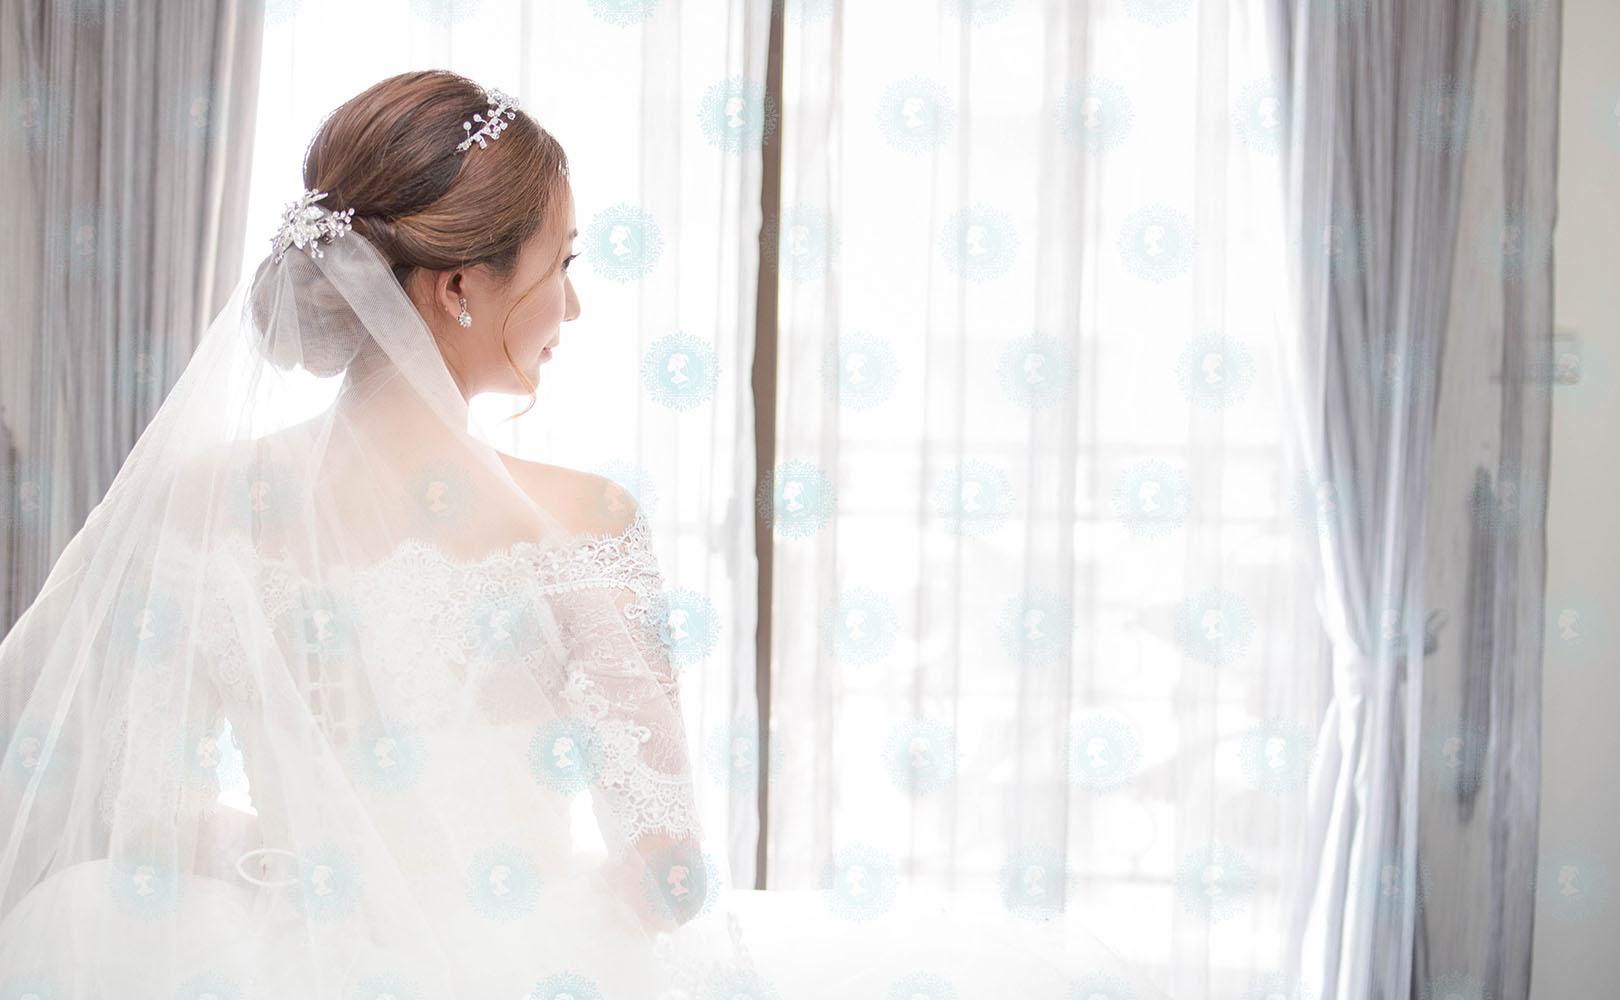 新娘秘書造型師作品-白色夢幻/氣質名媛作品照片圖1